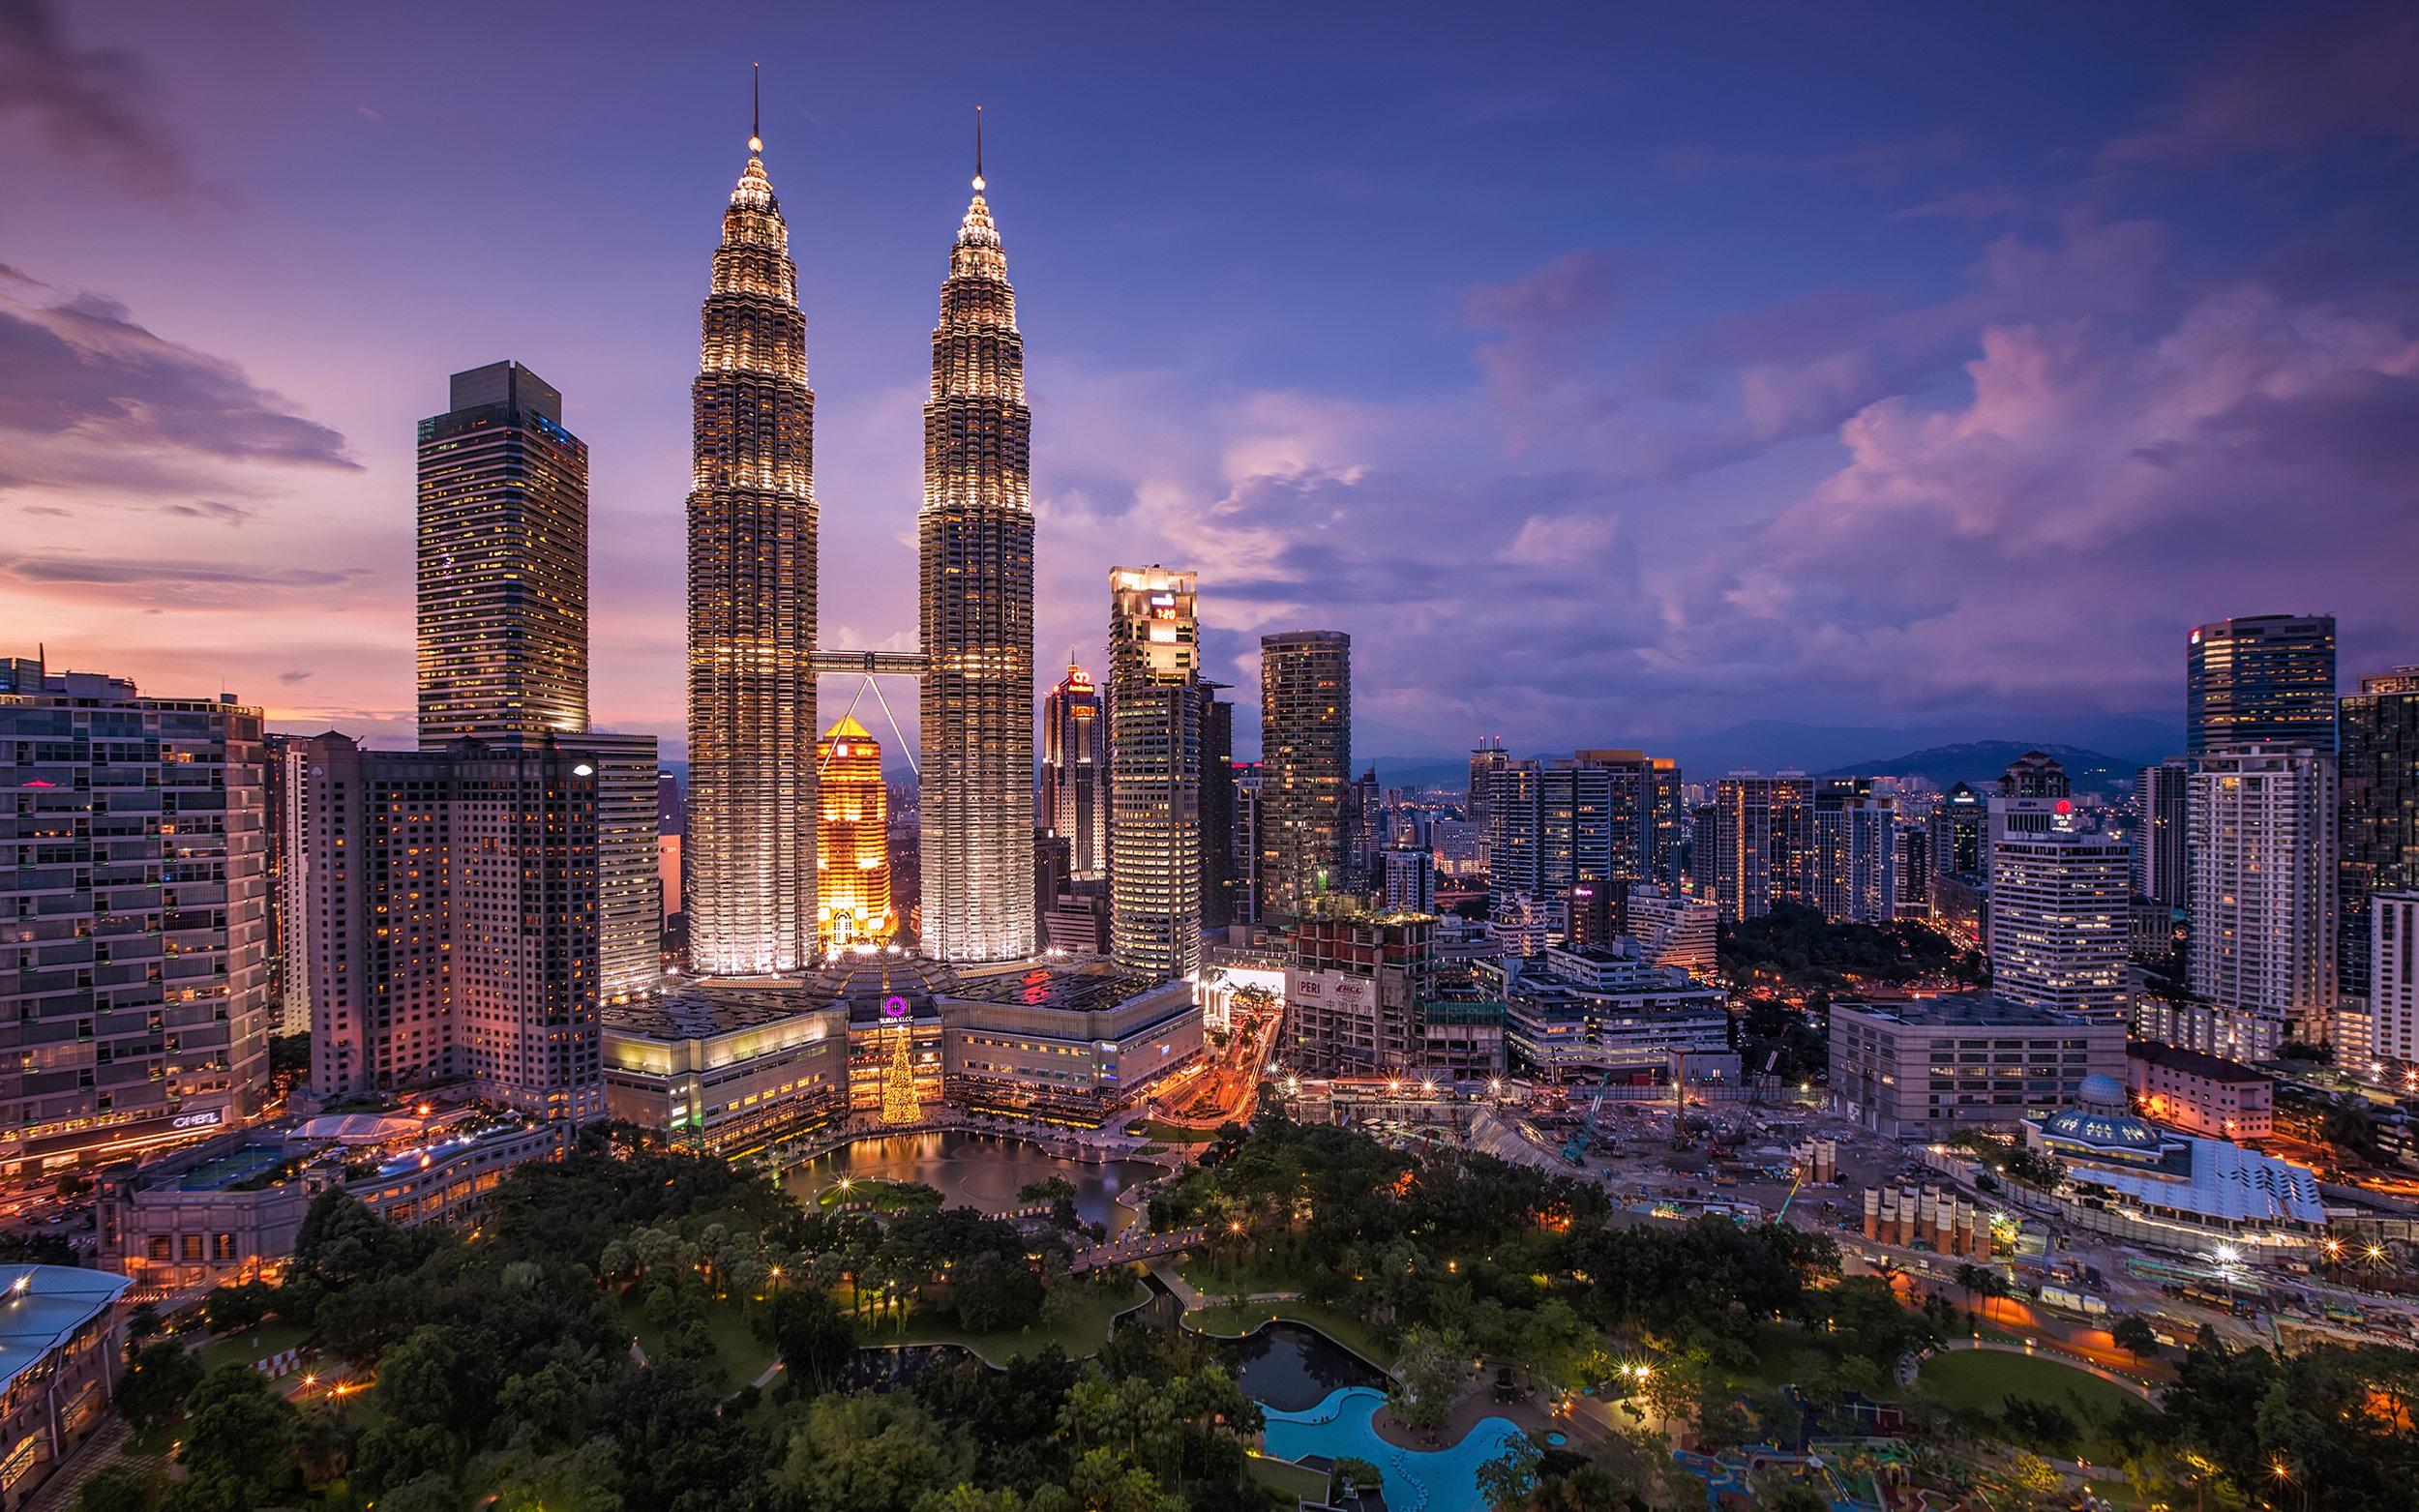 petronas-towers-kuala-lumpur-malaysia-wallpper-edit-by-yuriy-sklyar-2560-1600.jpg